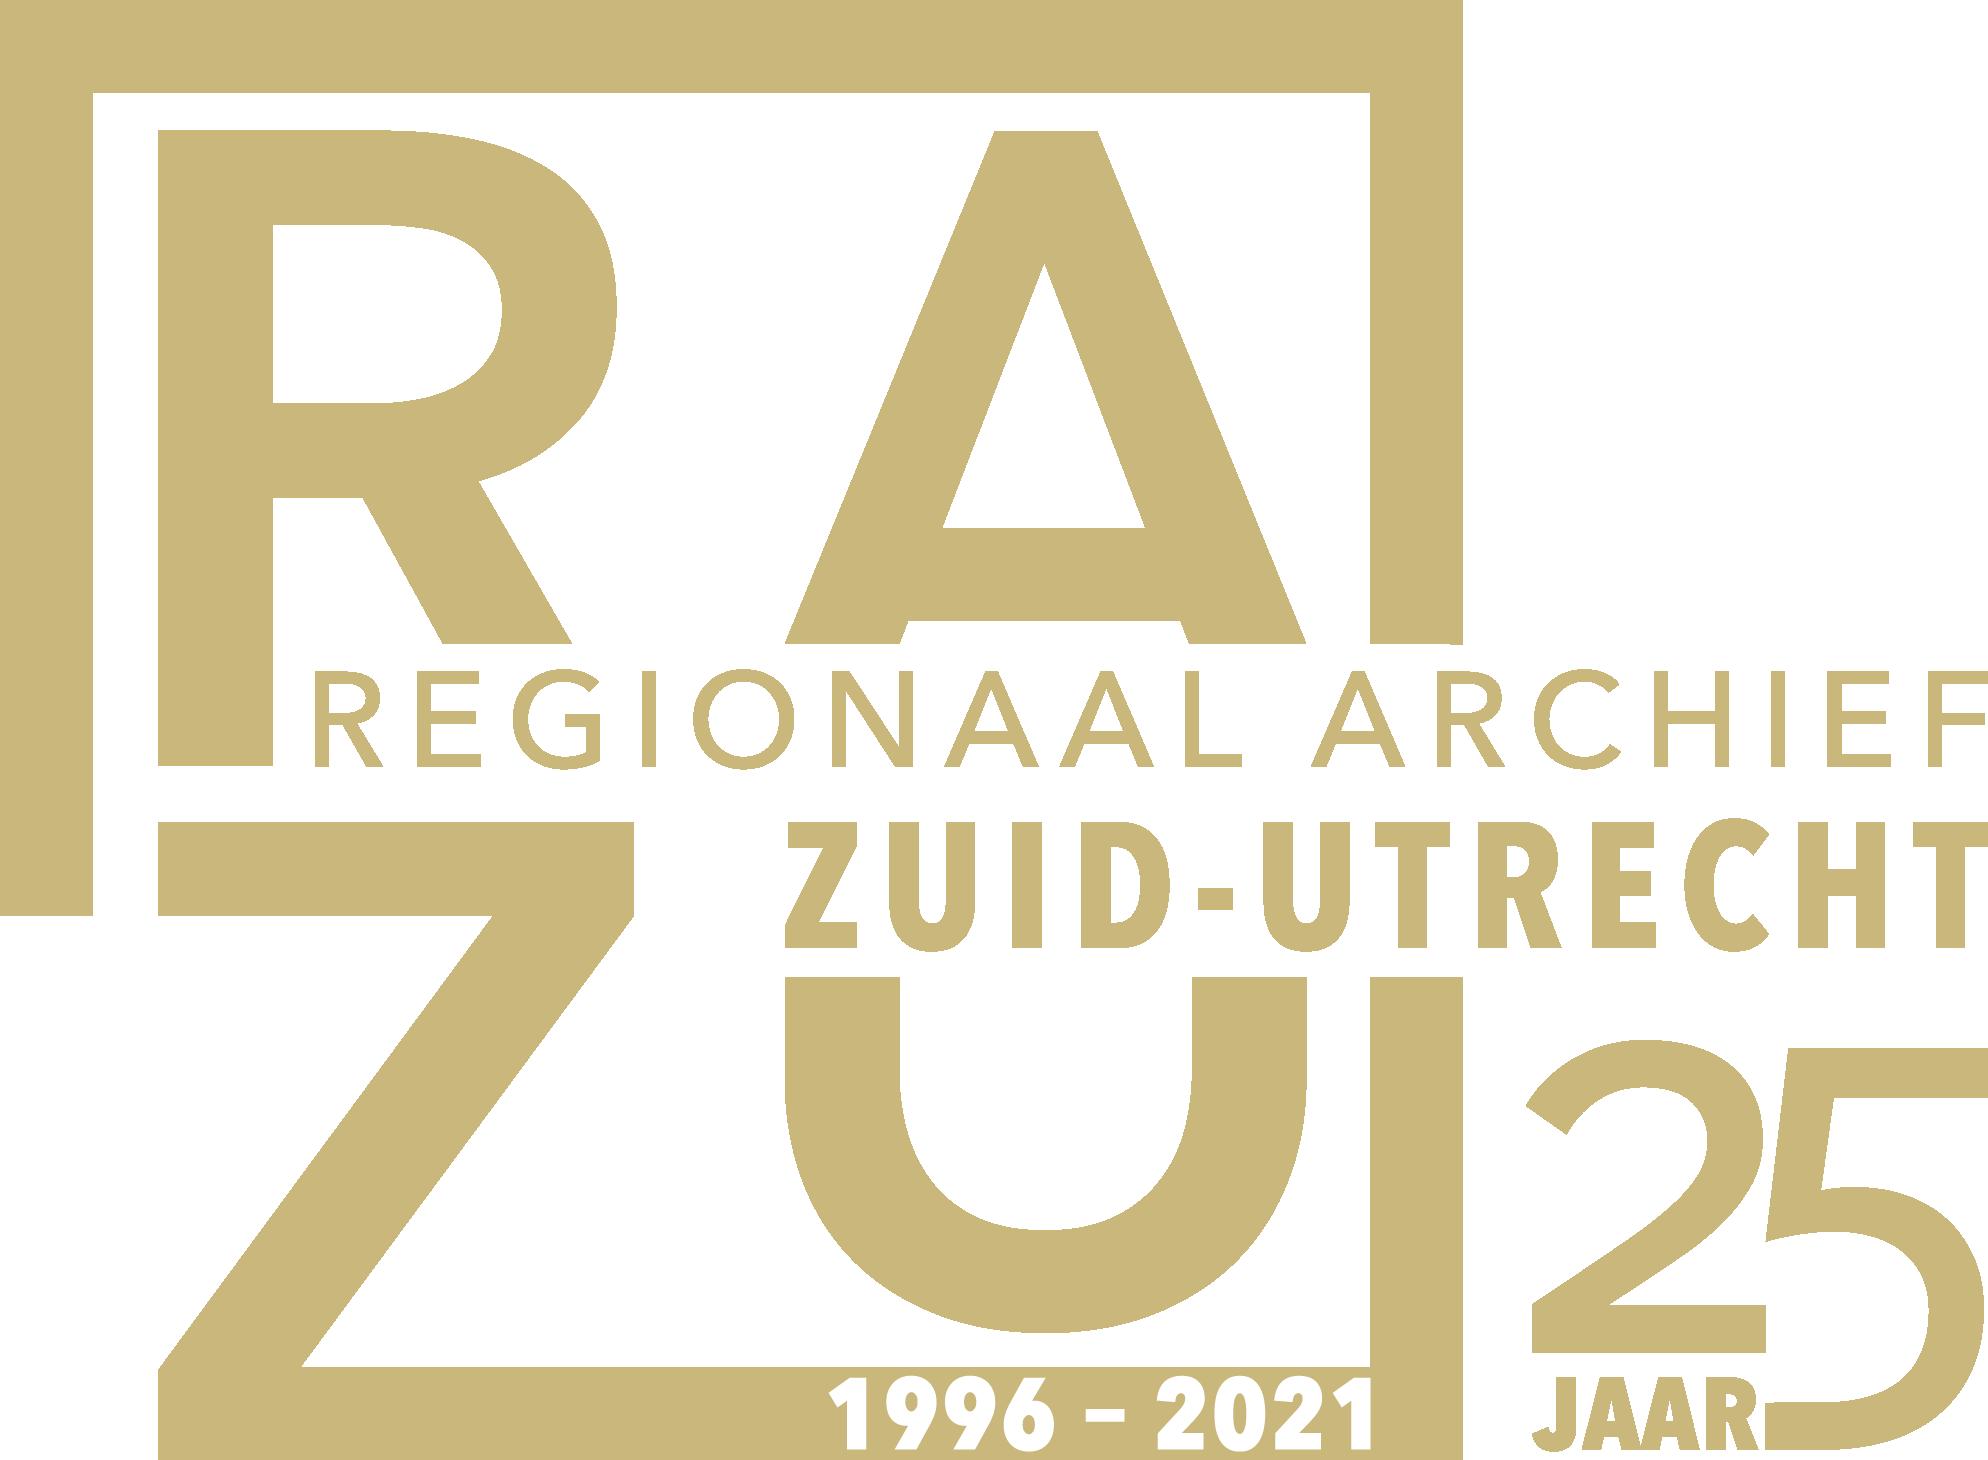 """Het logo van het Regionaal Archief Zuid-Utrecht in zandgele kleur met een vermelding naar het jubileum in de vorm van de tekst """"25 jaar 1996 - 2021"""""""